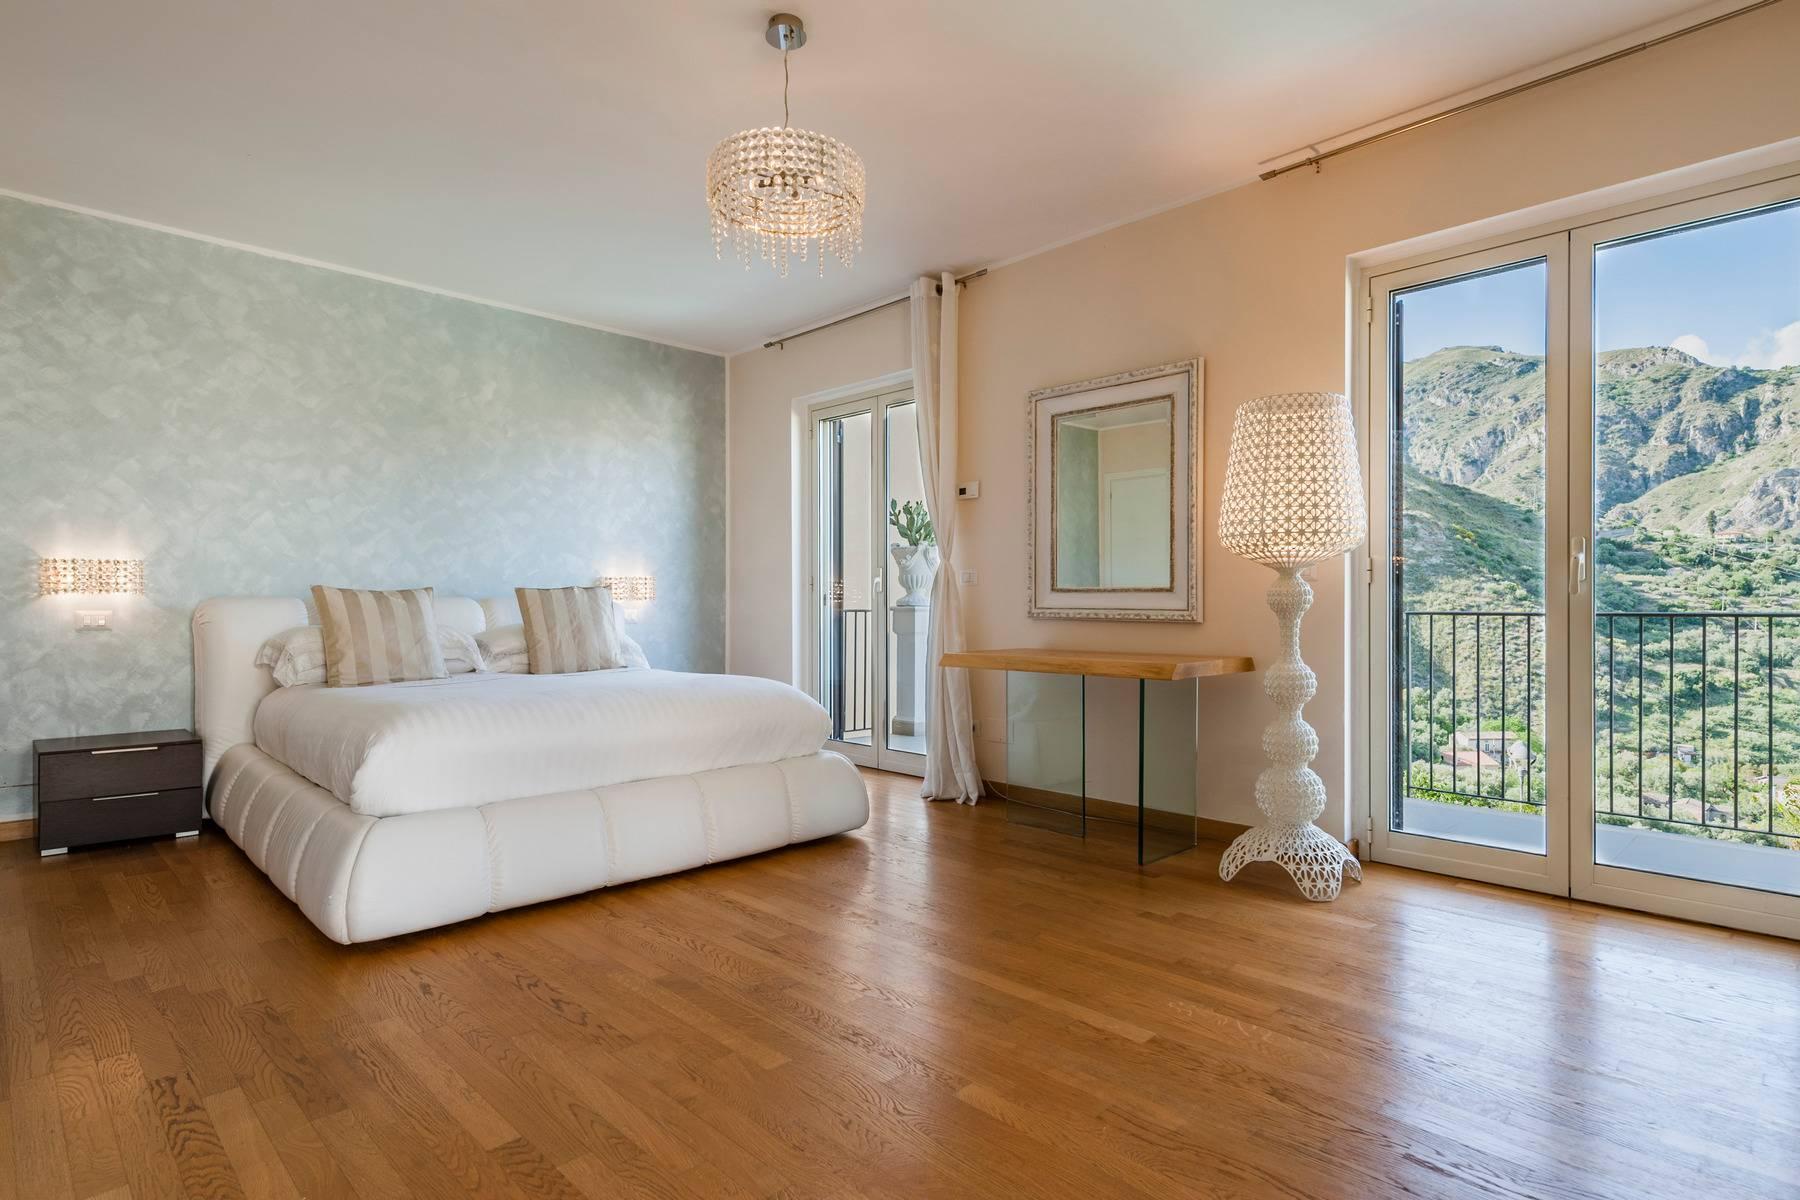 Modern villa with swimming pool in Taormina - 12